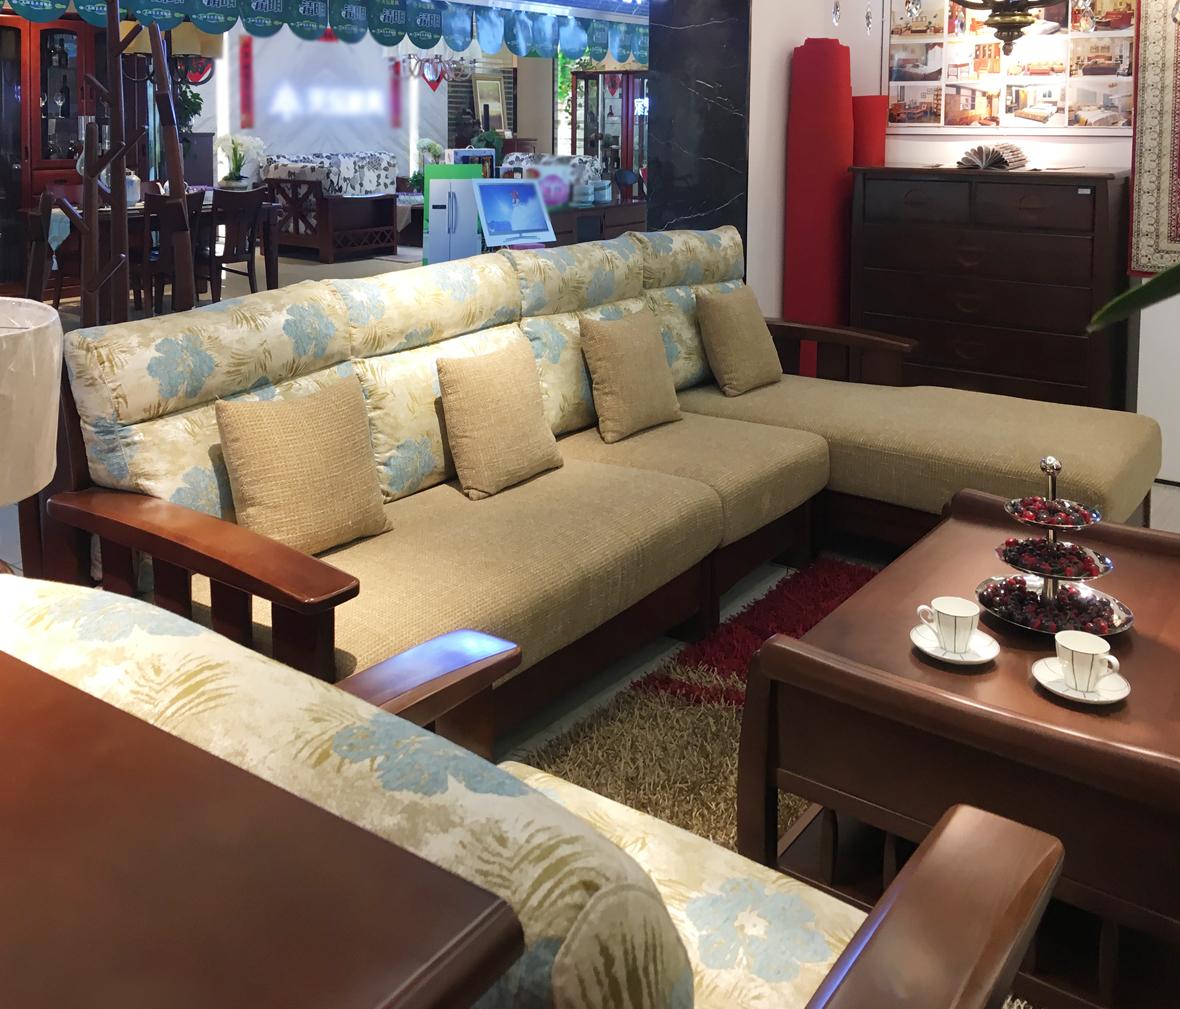 联邦家居 j12502型号转角沙发 山毛榉材质 现代中式风格 实木家具